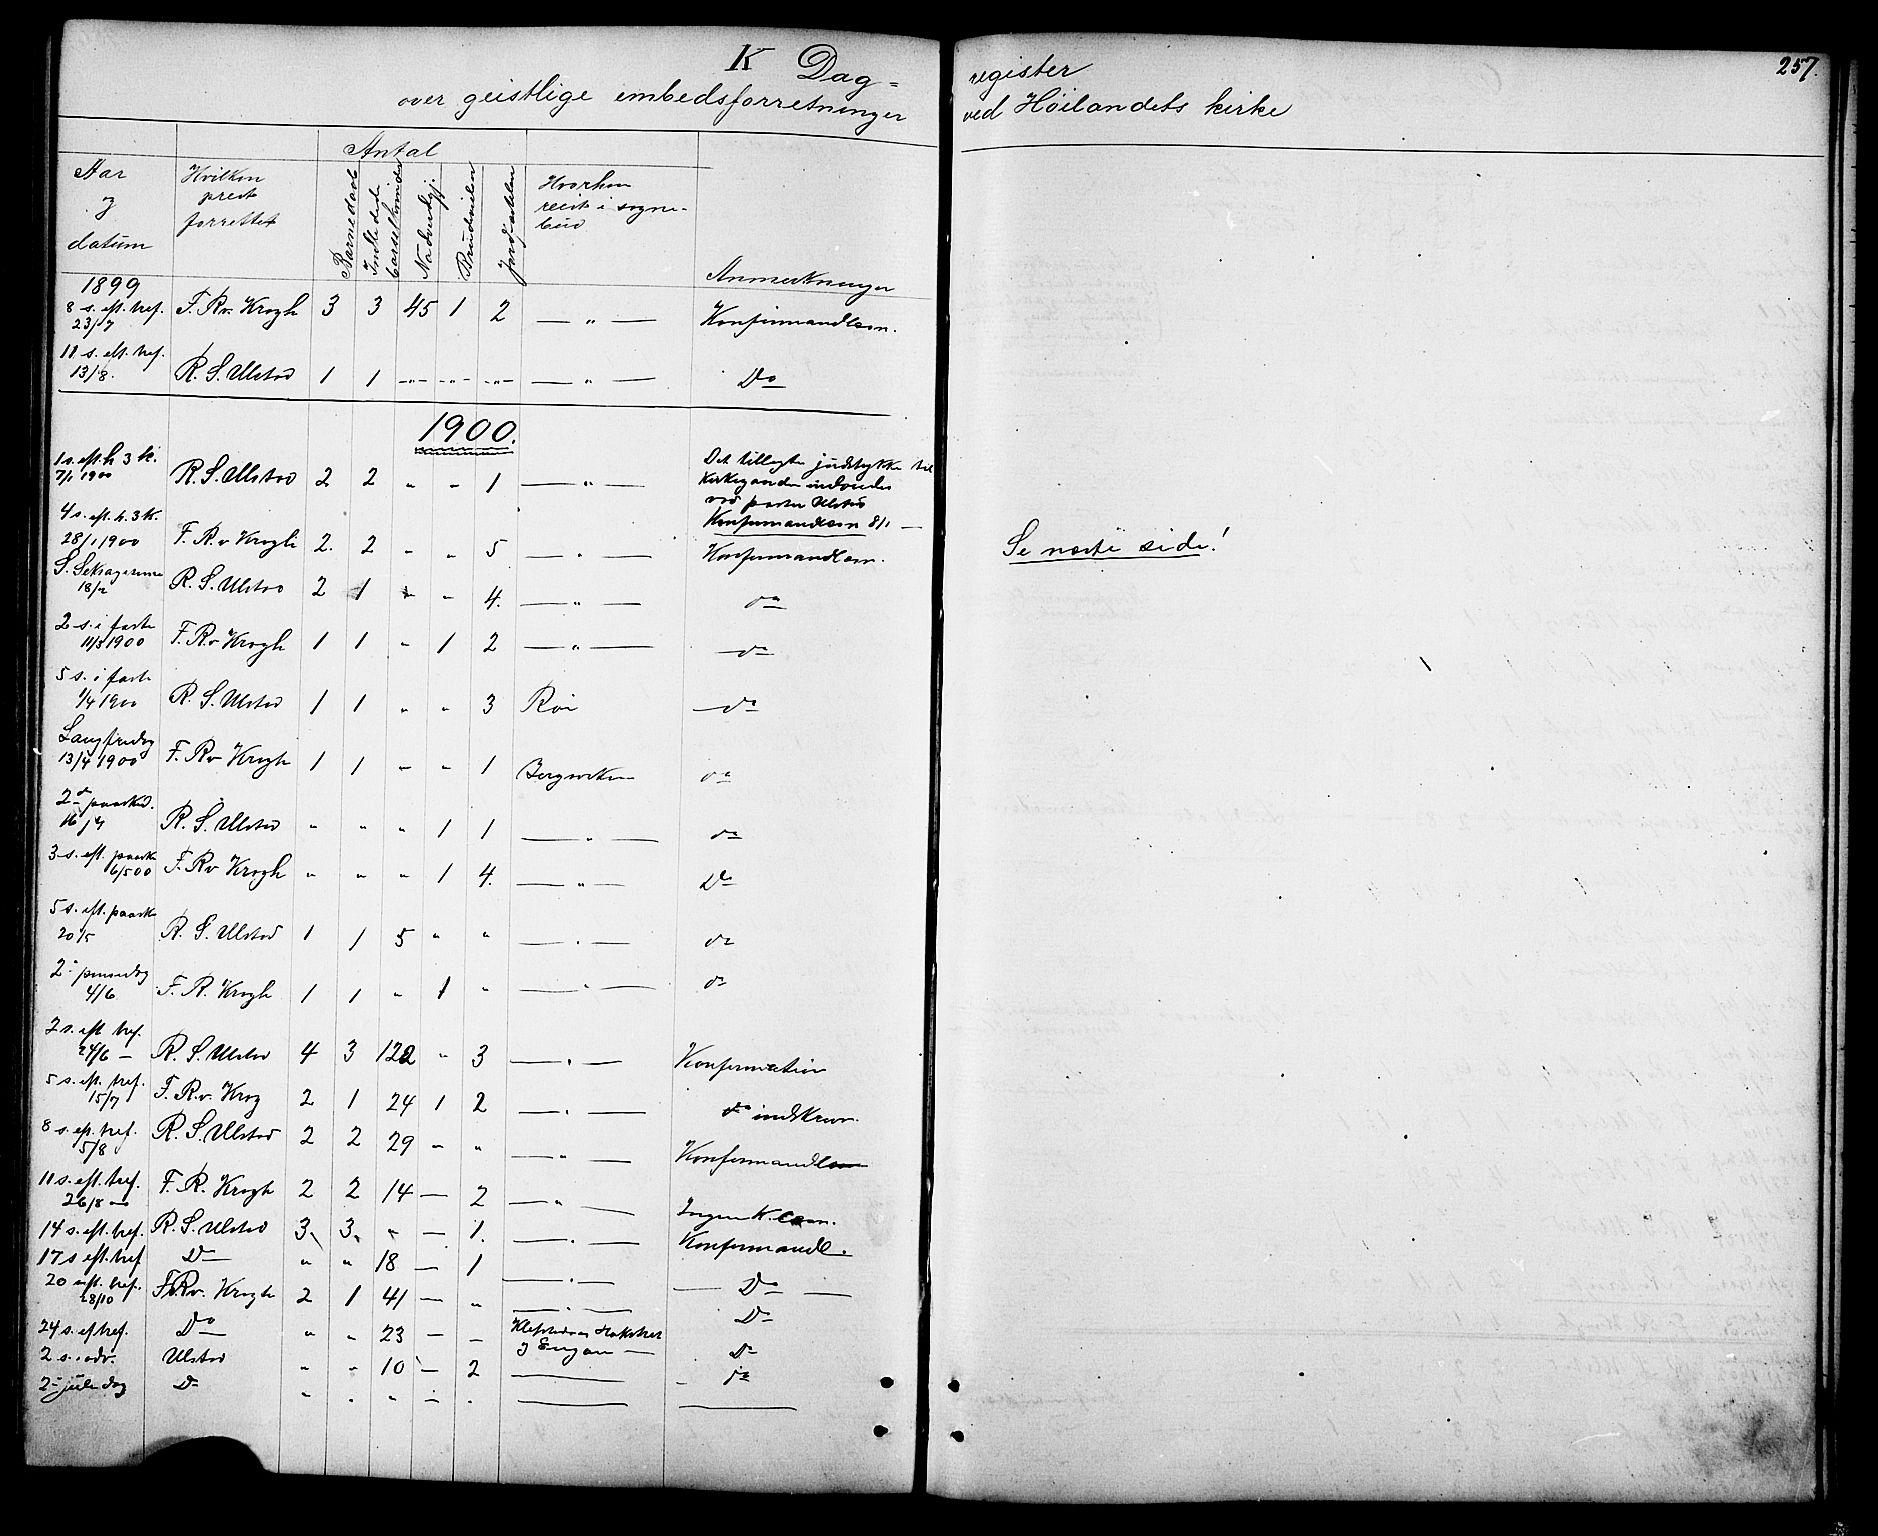 SAT, Ministerialprotokoller, klokkerbøker og fødselsregistre - Sør-Trøndelag, 694/L1132: Klokkerbok nr. 694C04, 1887-1914, s. 257